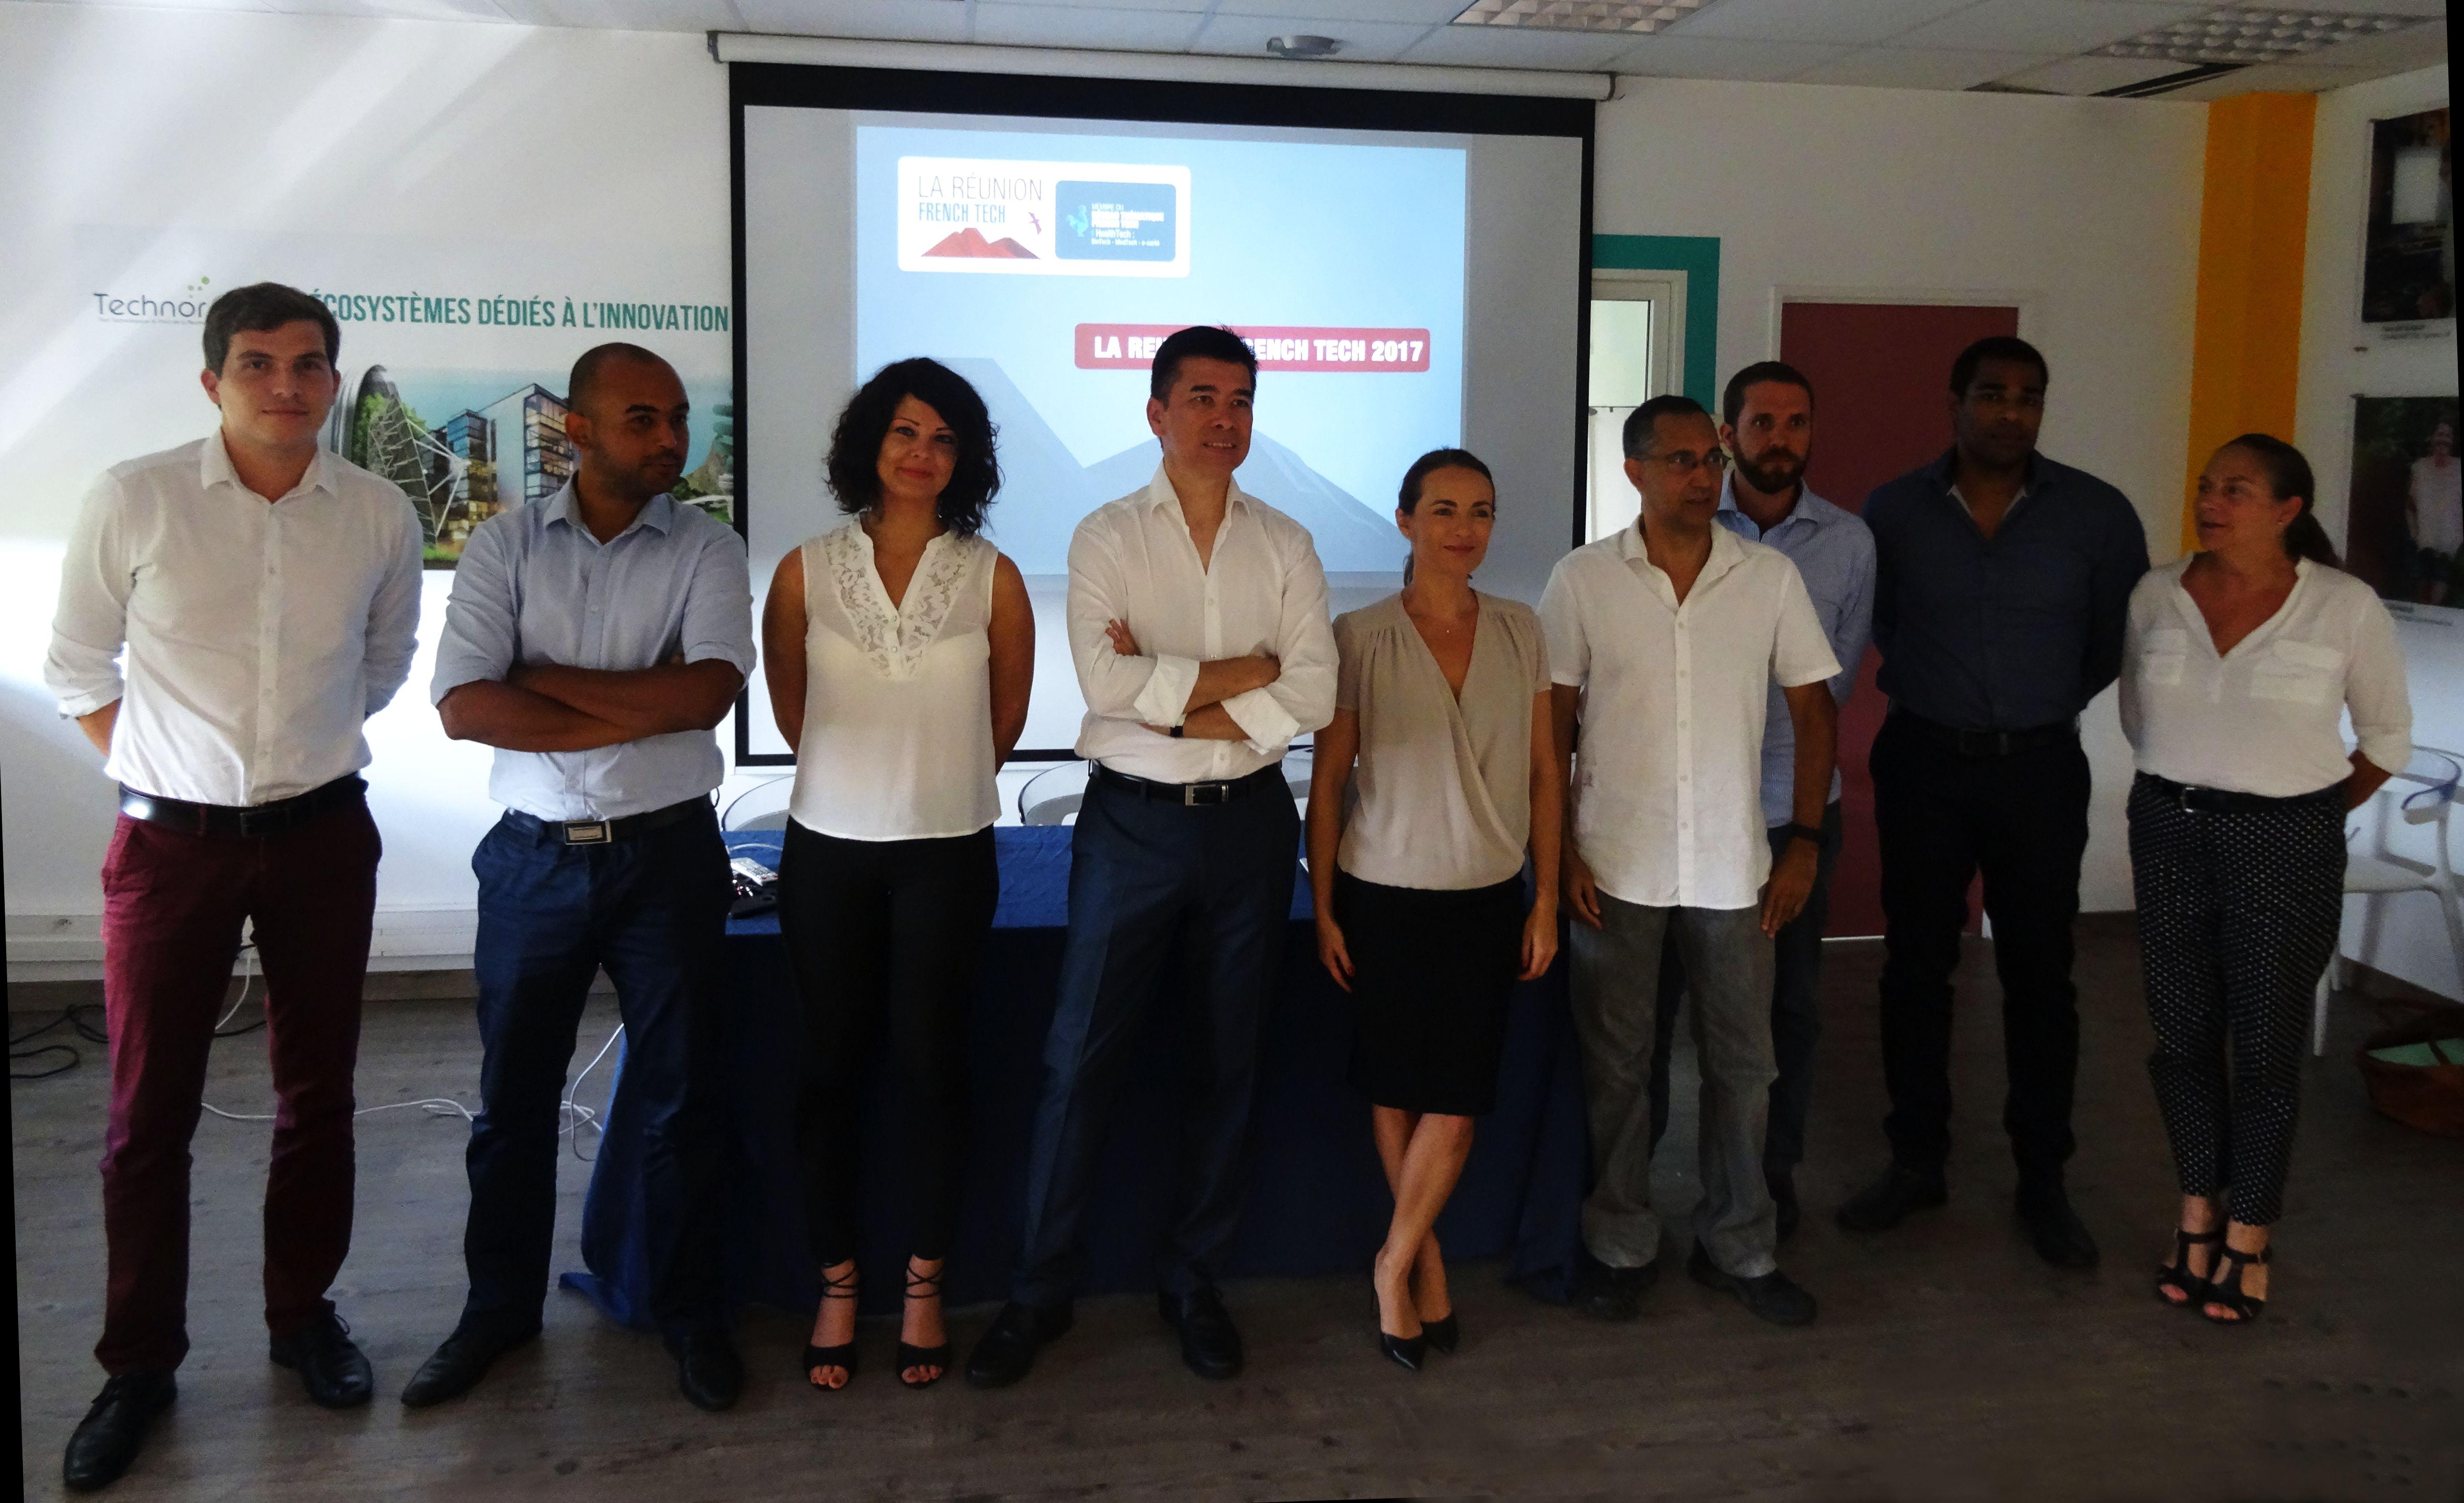 La Réunion FrenchTech 2017 sur les rails